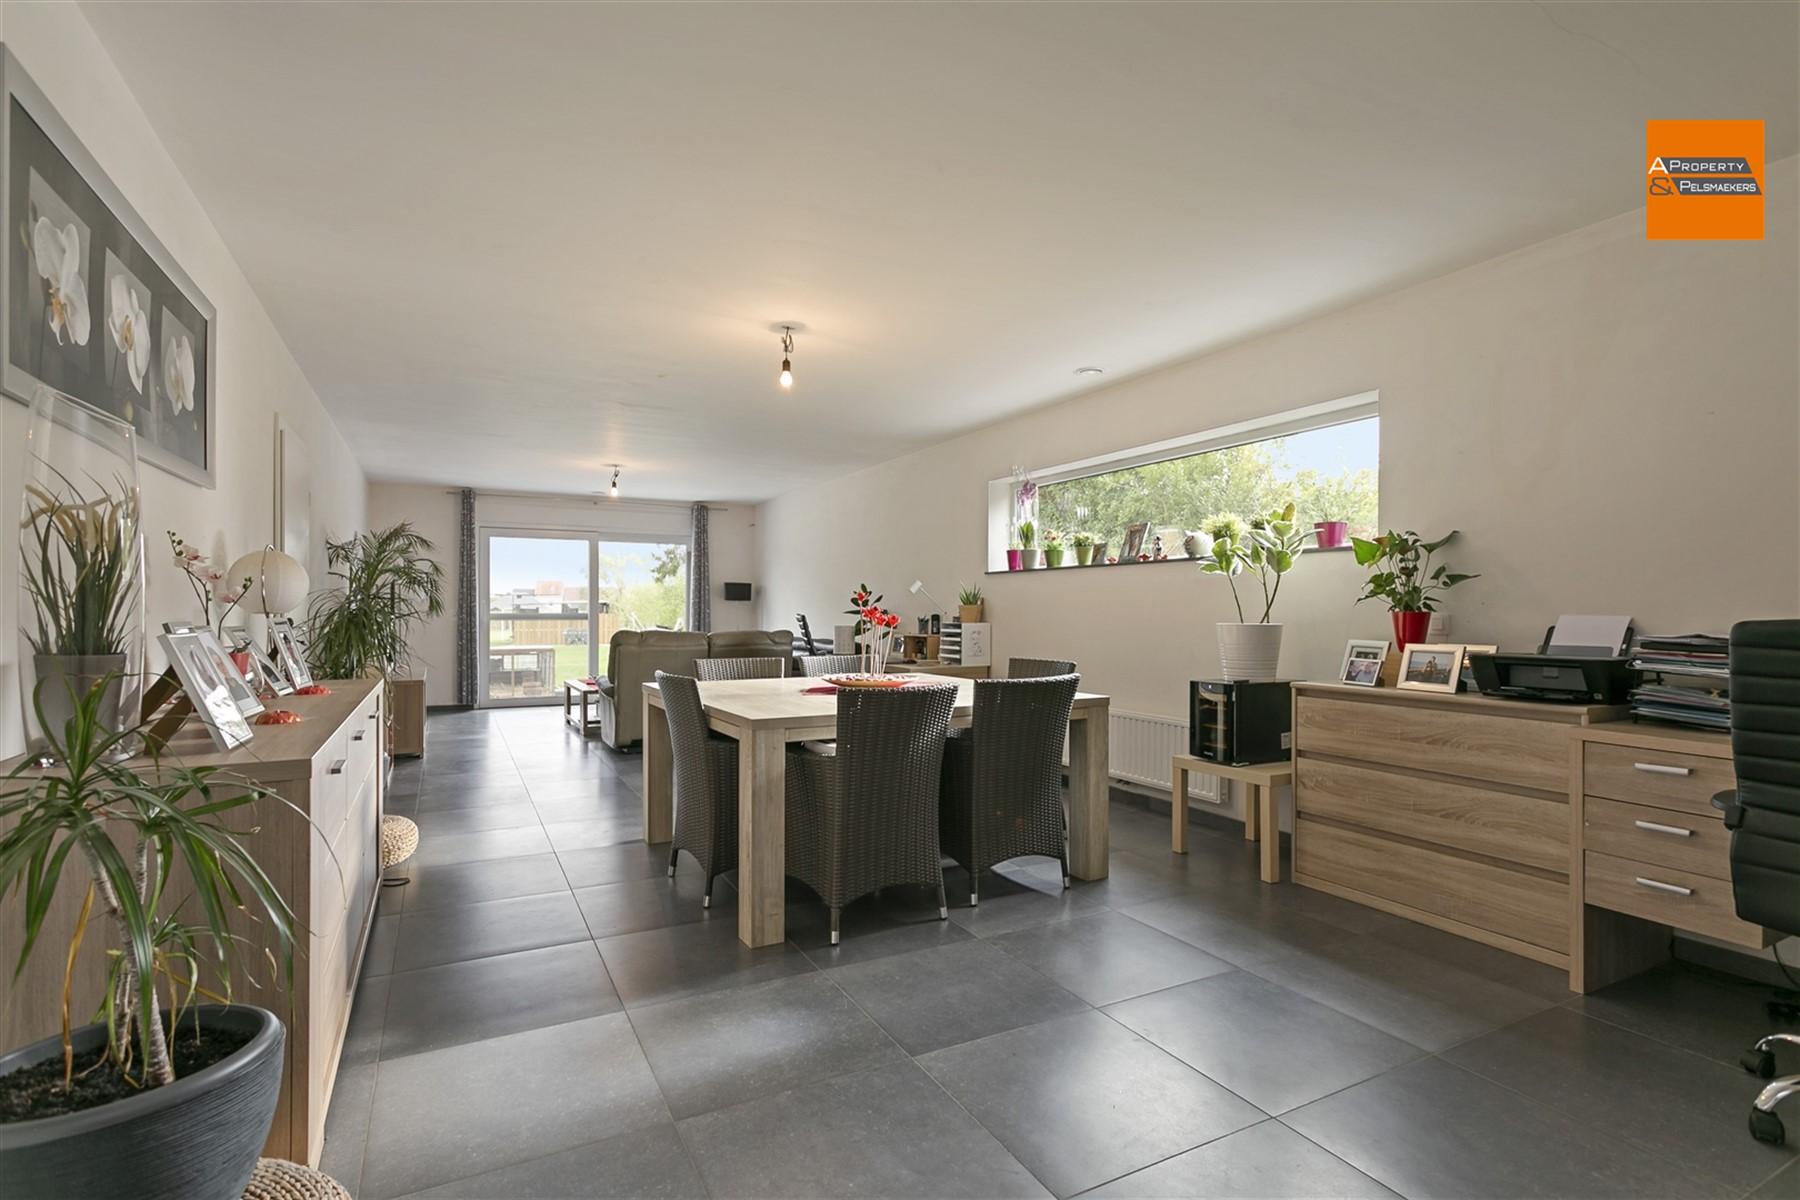 Foto 8 : Huis in 3071 ERPS-KWERPS (België) - Prijs € 650.000